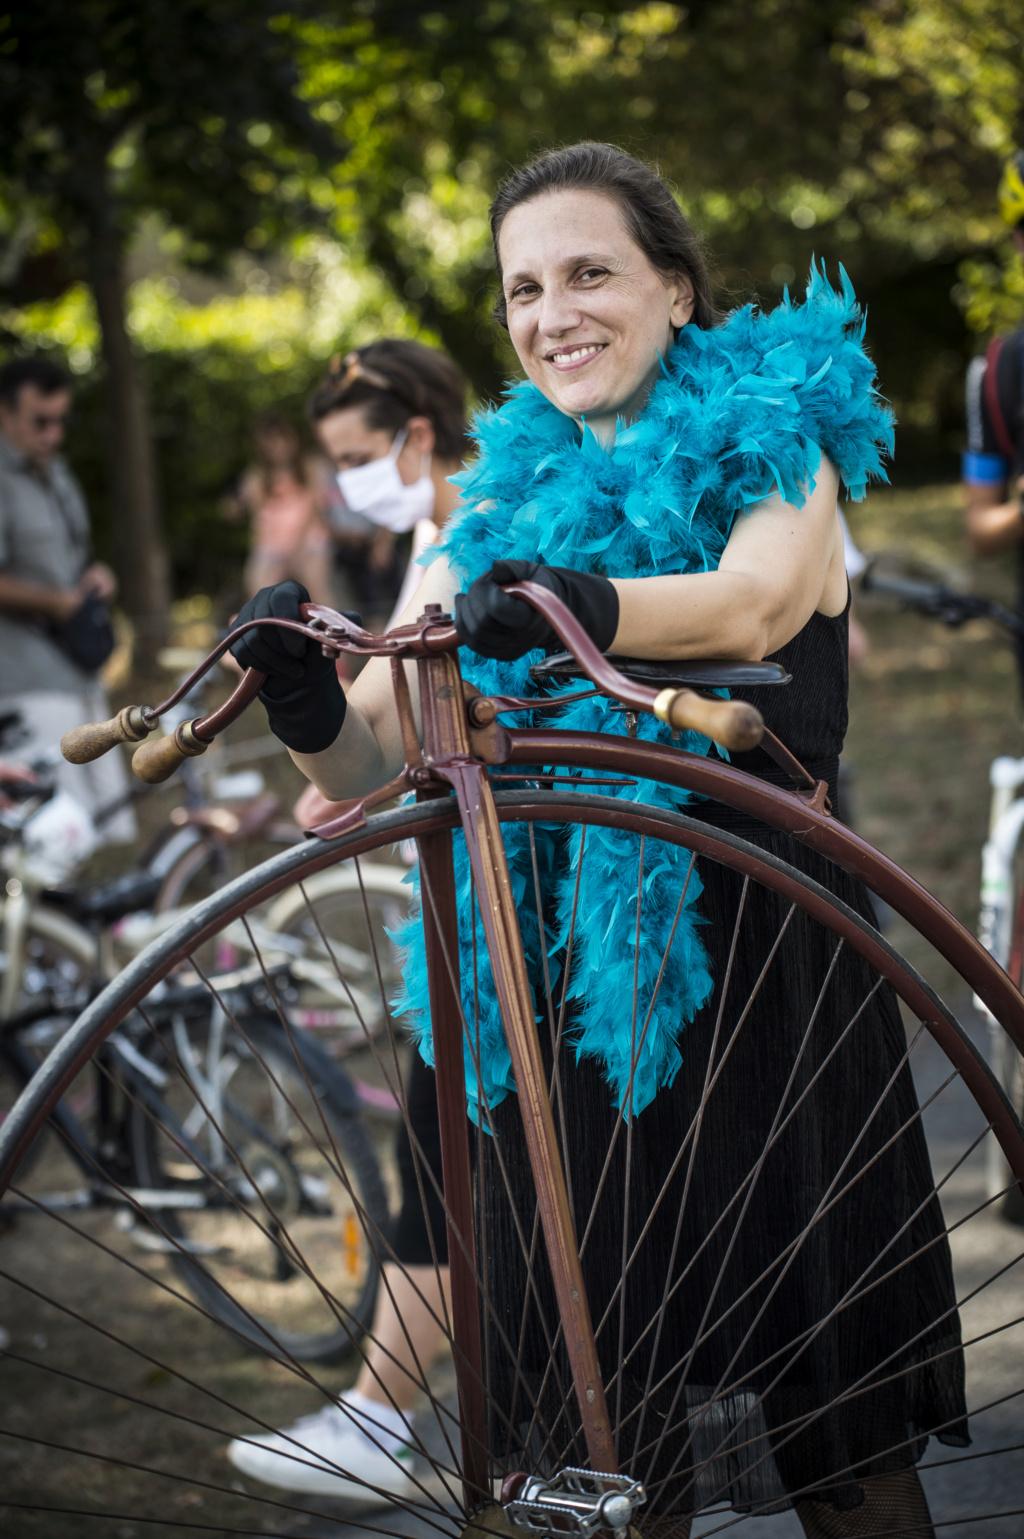 La vieille compagnie en bicyclette 20/09/2020 - Page 2 Paolov14